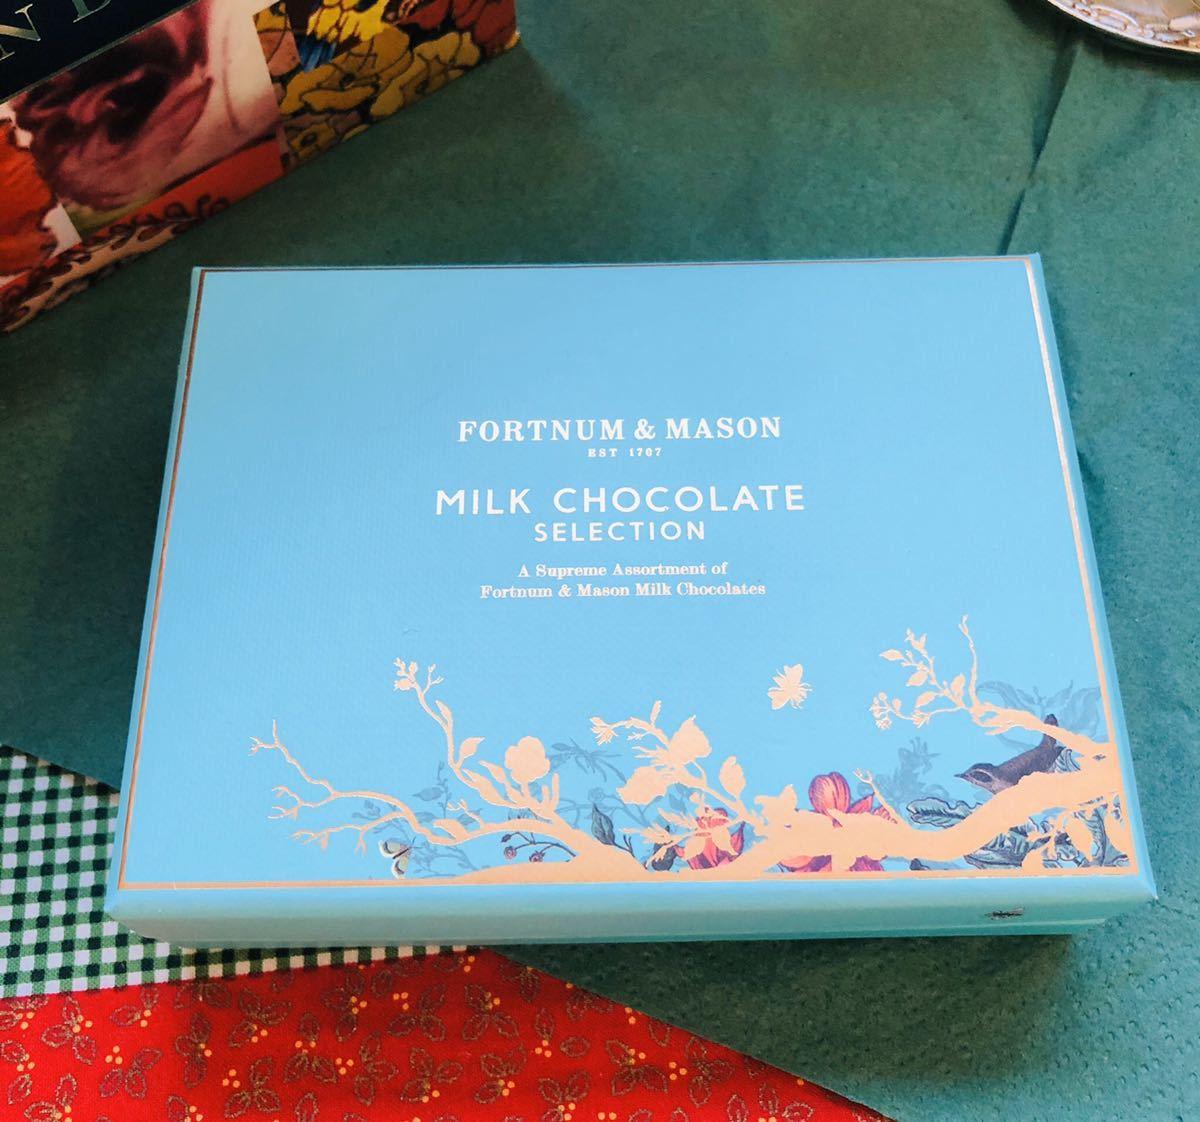 バレンタインにも【ミルクチョコレート・セレクションボックス 120g】ひと粒ずつが宝もの~フォートナム&メイソン_画像9